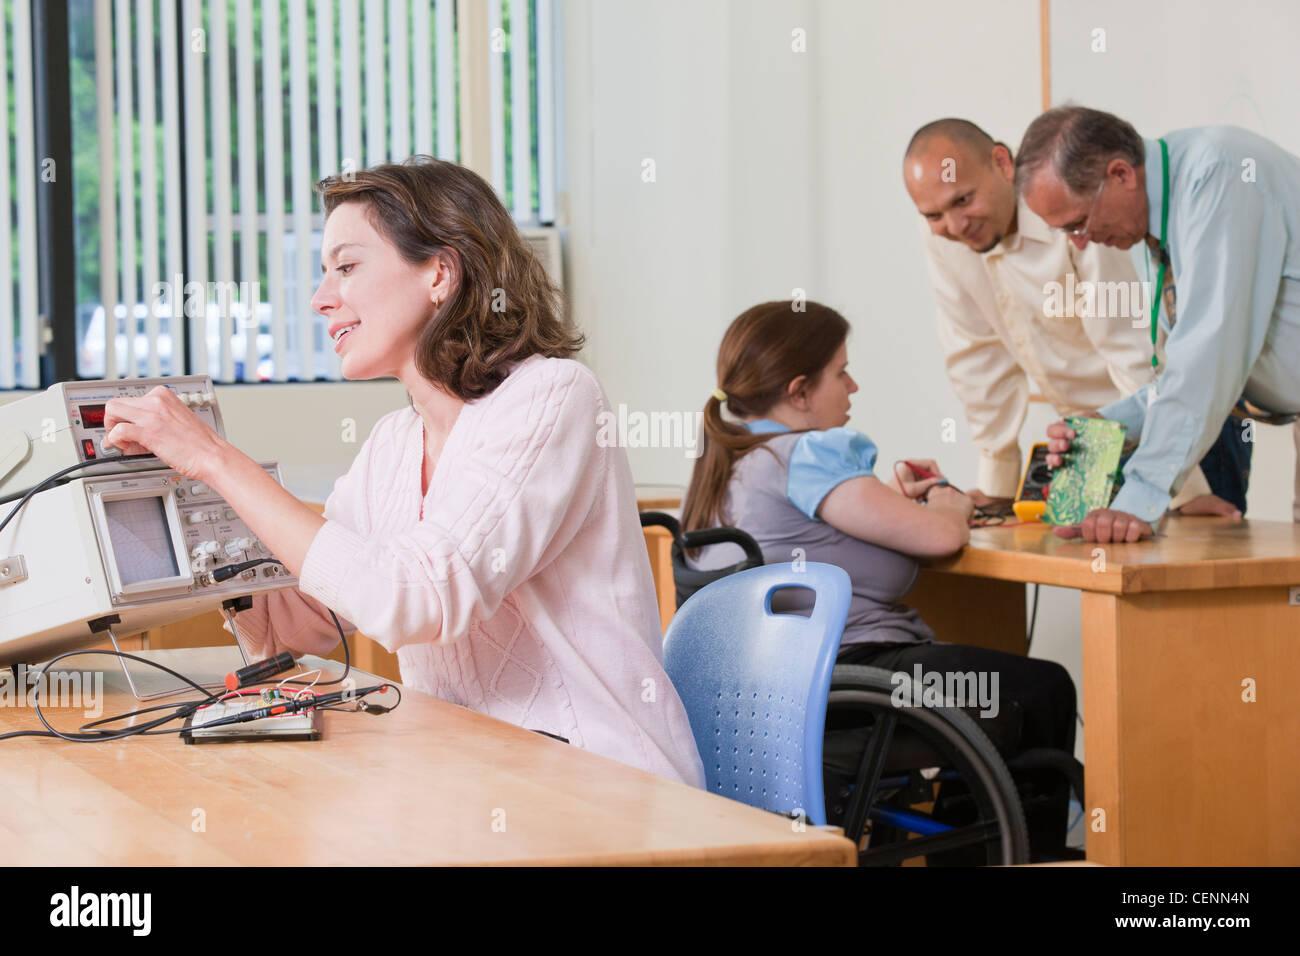 Generador de funciones de conexión del estudiante mientras el profesor está demostrando un circuito impreso Imagen De Stock